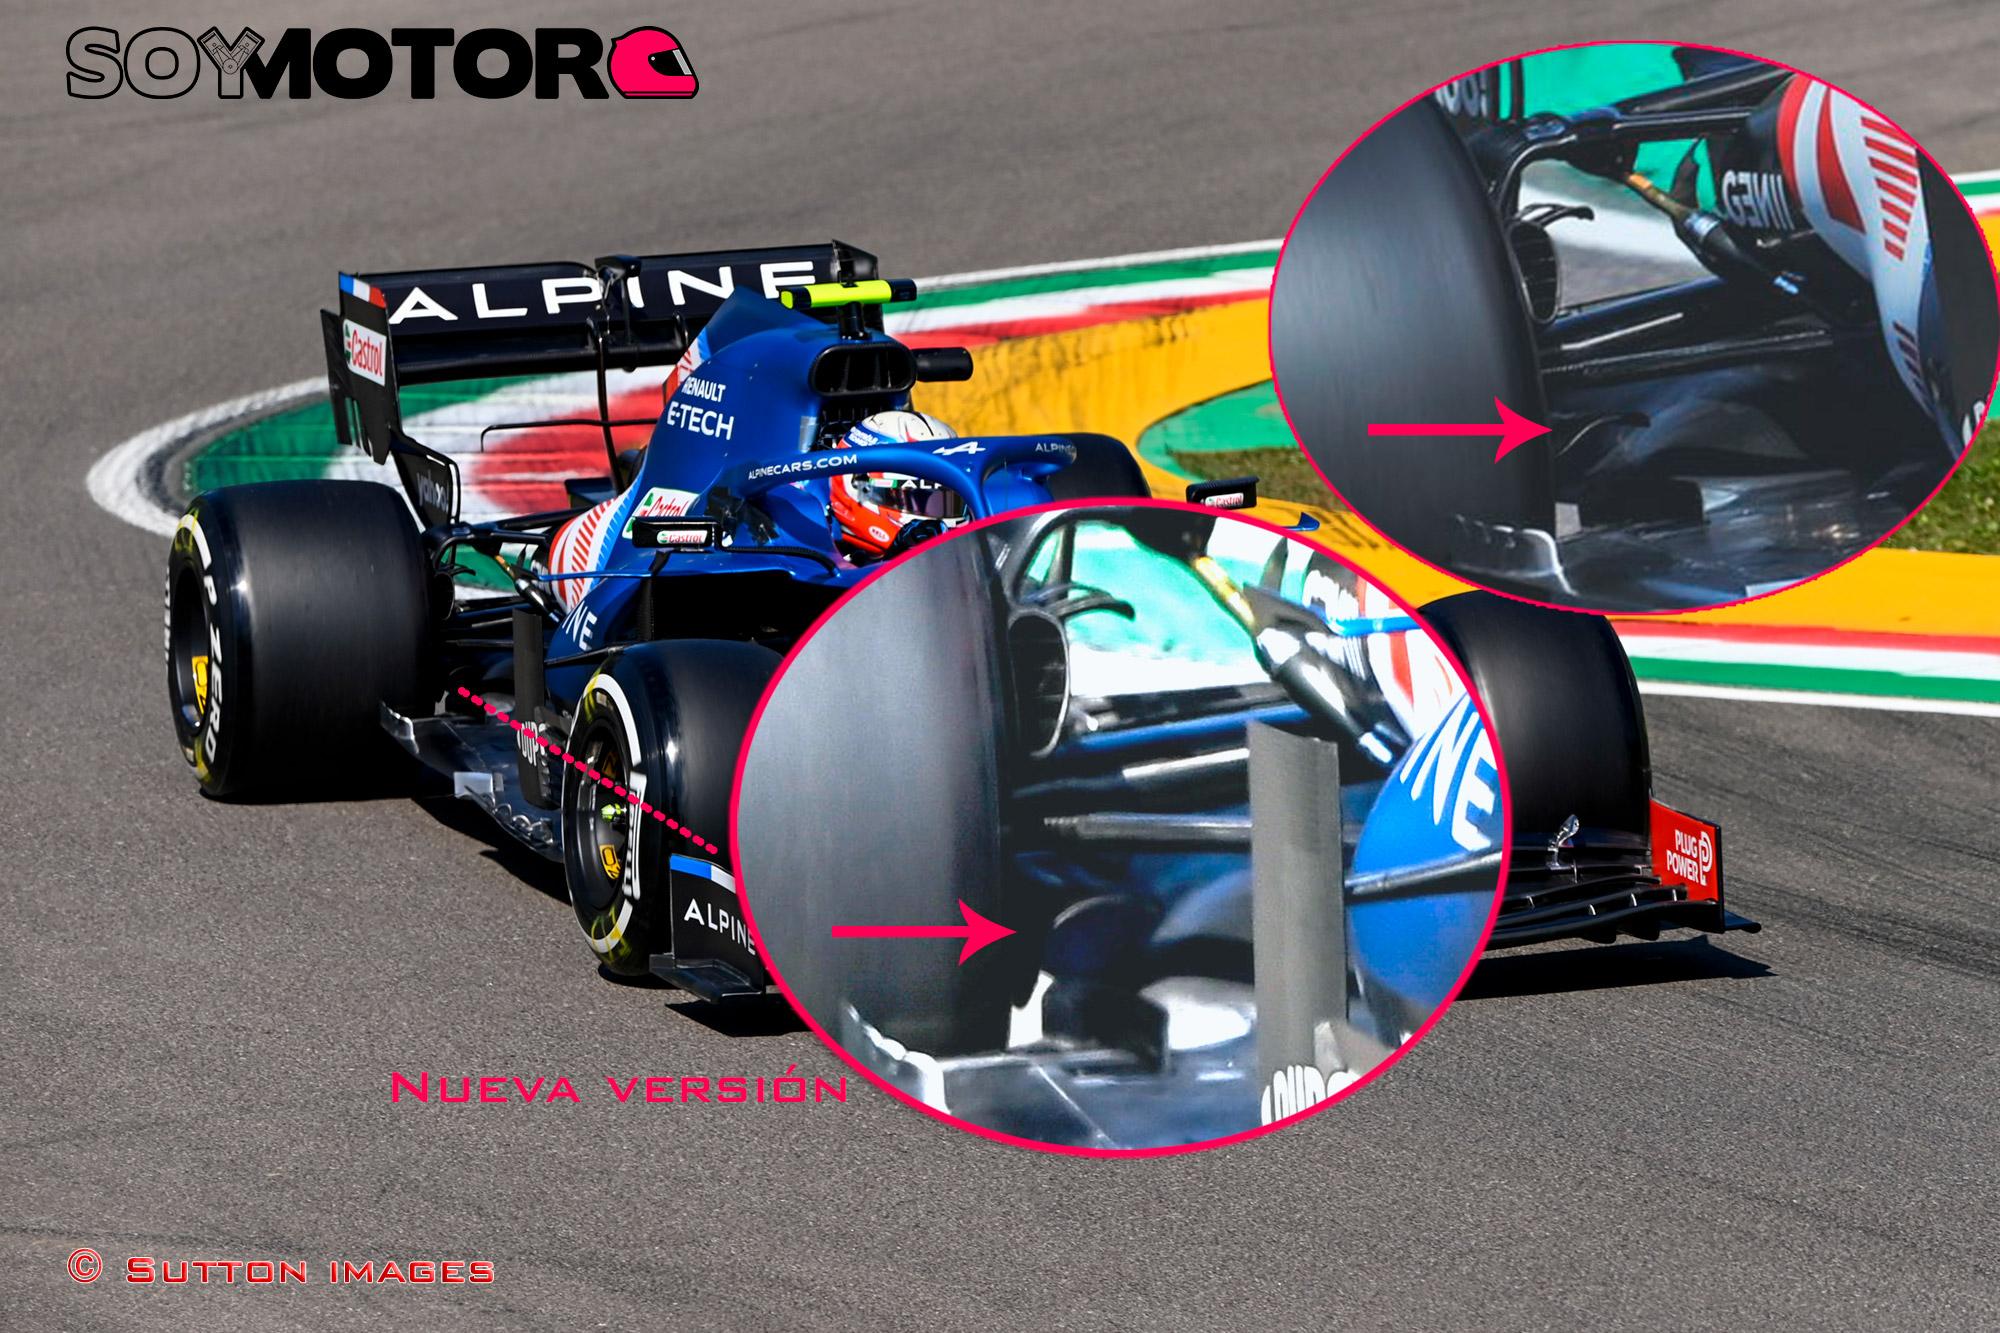 alpine-nuevo-deflector-en-frenos-traseros-soymotor.jpg